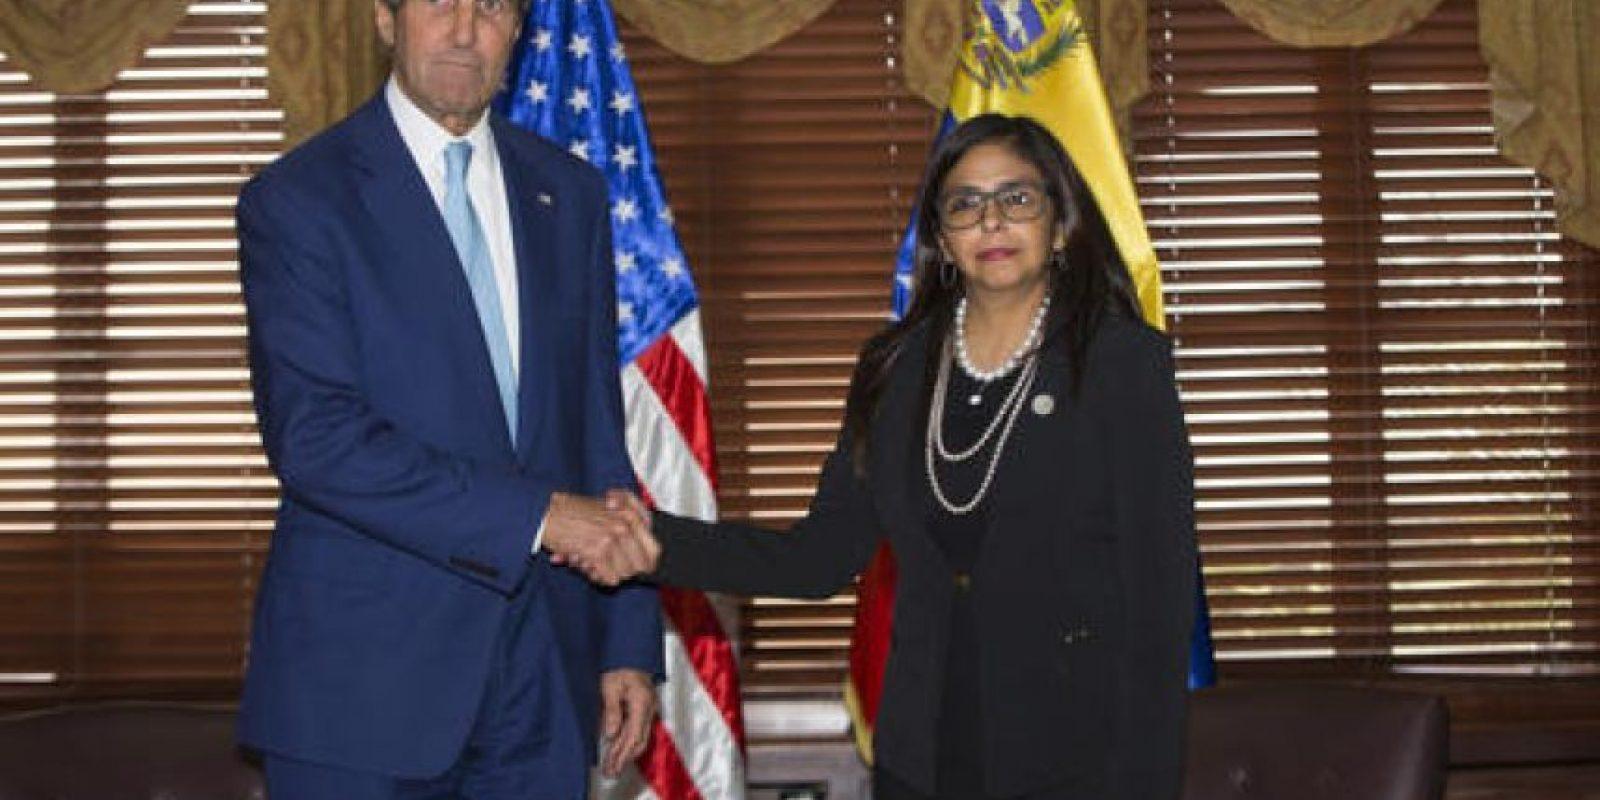 El secretario de Estado John Kerry y la canciller venezolana Delcy Rodríguez, se entrevistaron en la capital dominicana en el marco de la Asamblea General de la OEA. Foto:AP/ Archivo